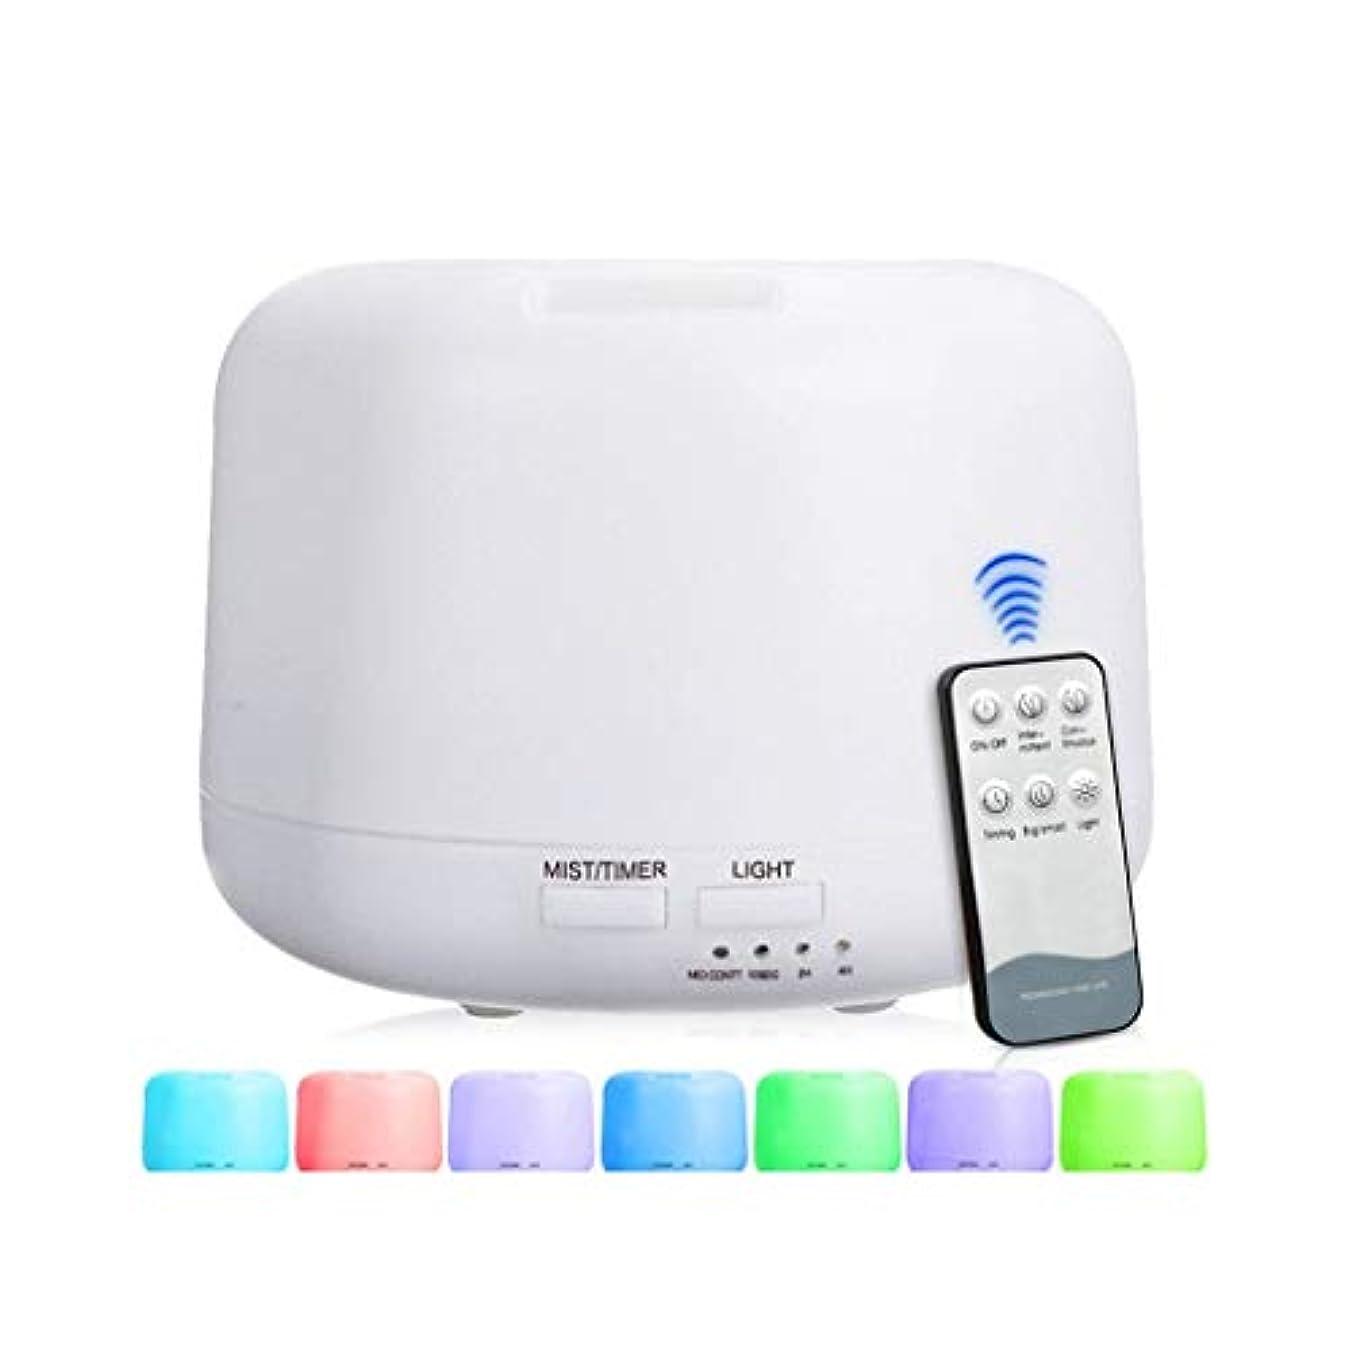 規制酔っ払い会員300 Mlアドバンストディフューザー、超音波蒸発器加湿器、タイマーおよび自動遮断安全スイッチ、7 LEDライトカラー (Color : Warm white)